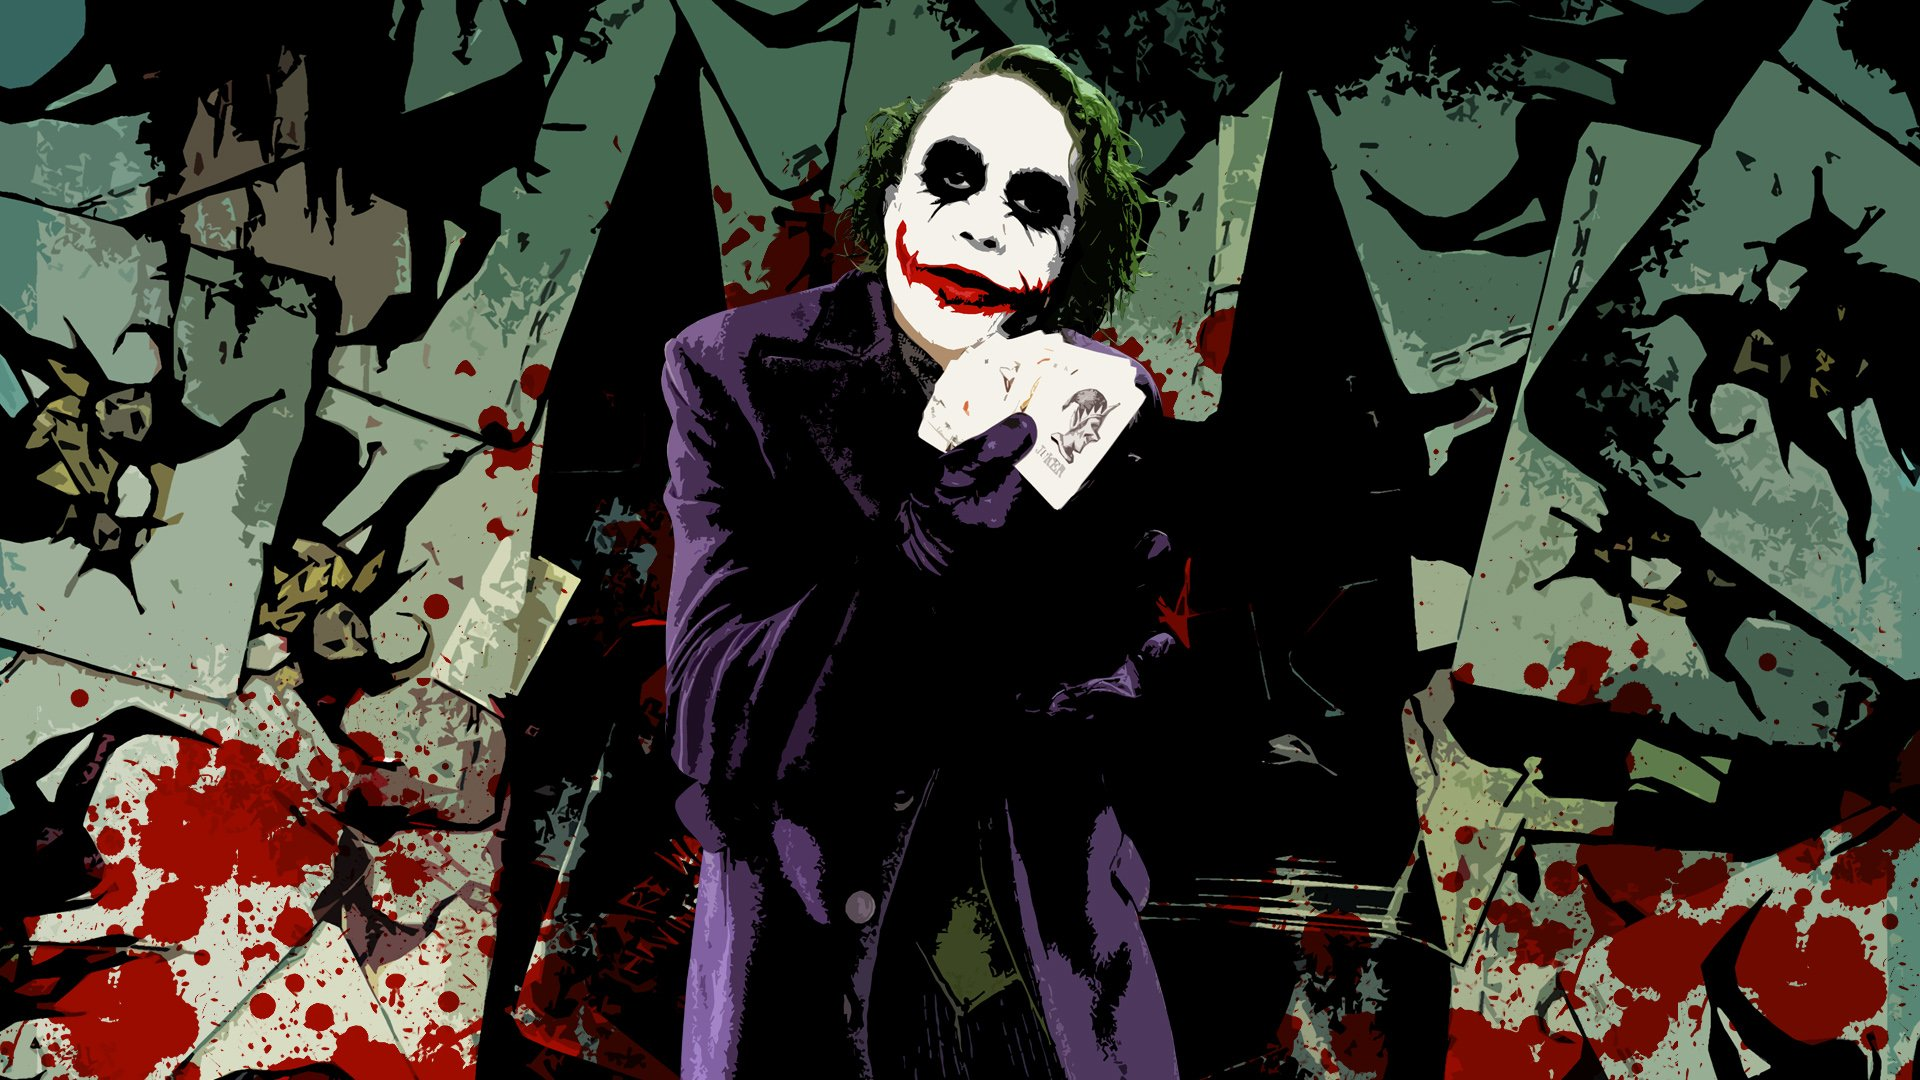 Movie - The Dark Knight  Joker Wallpaper